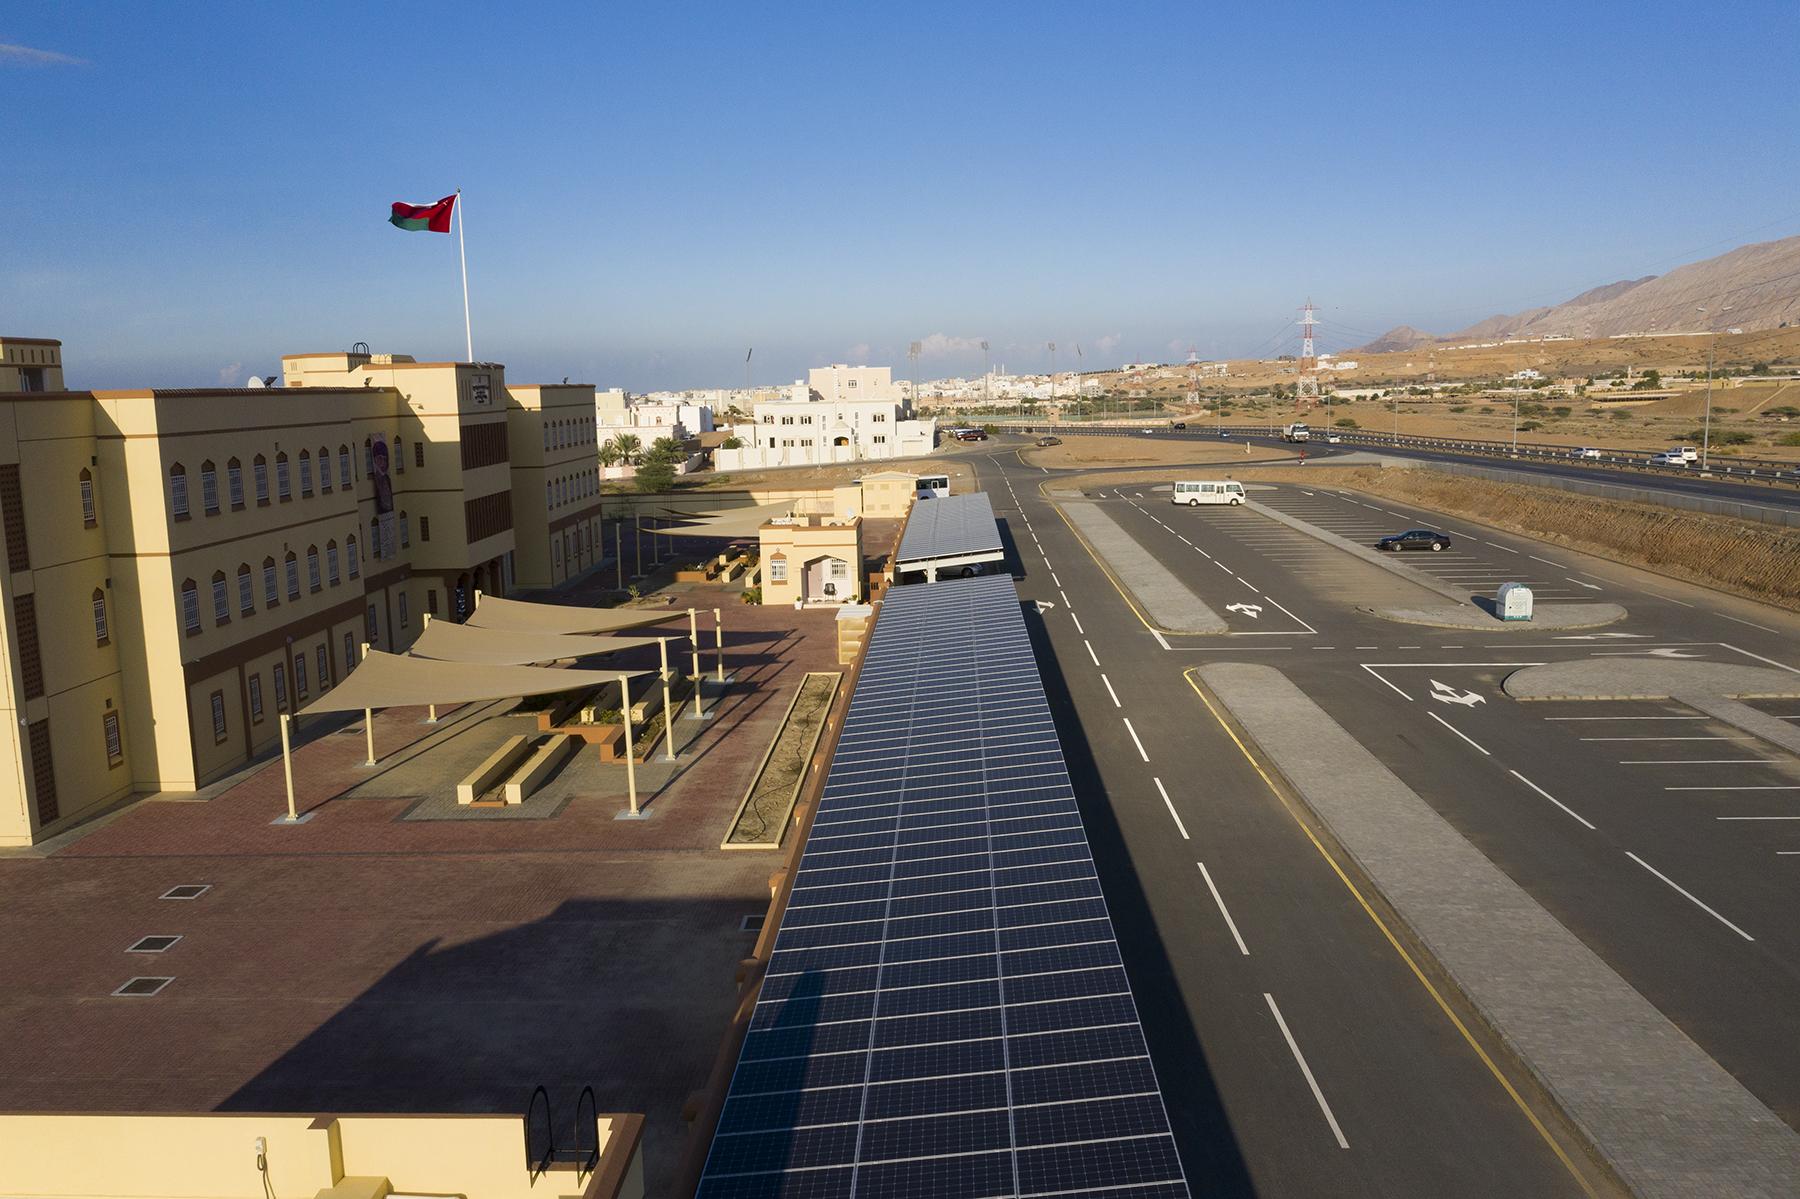 مدرسة صفية بنت الخطاب – الانصب، مبادرة شركة شل عمان للمدارس